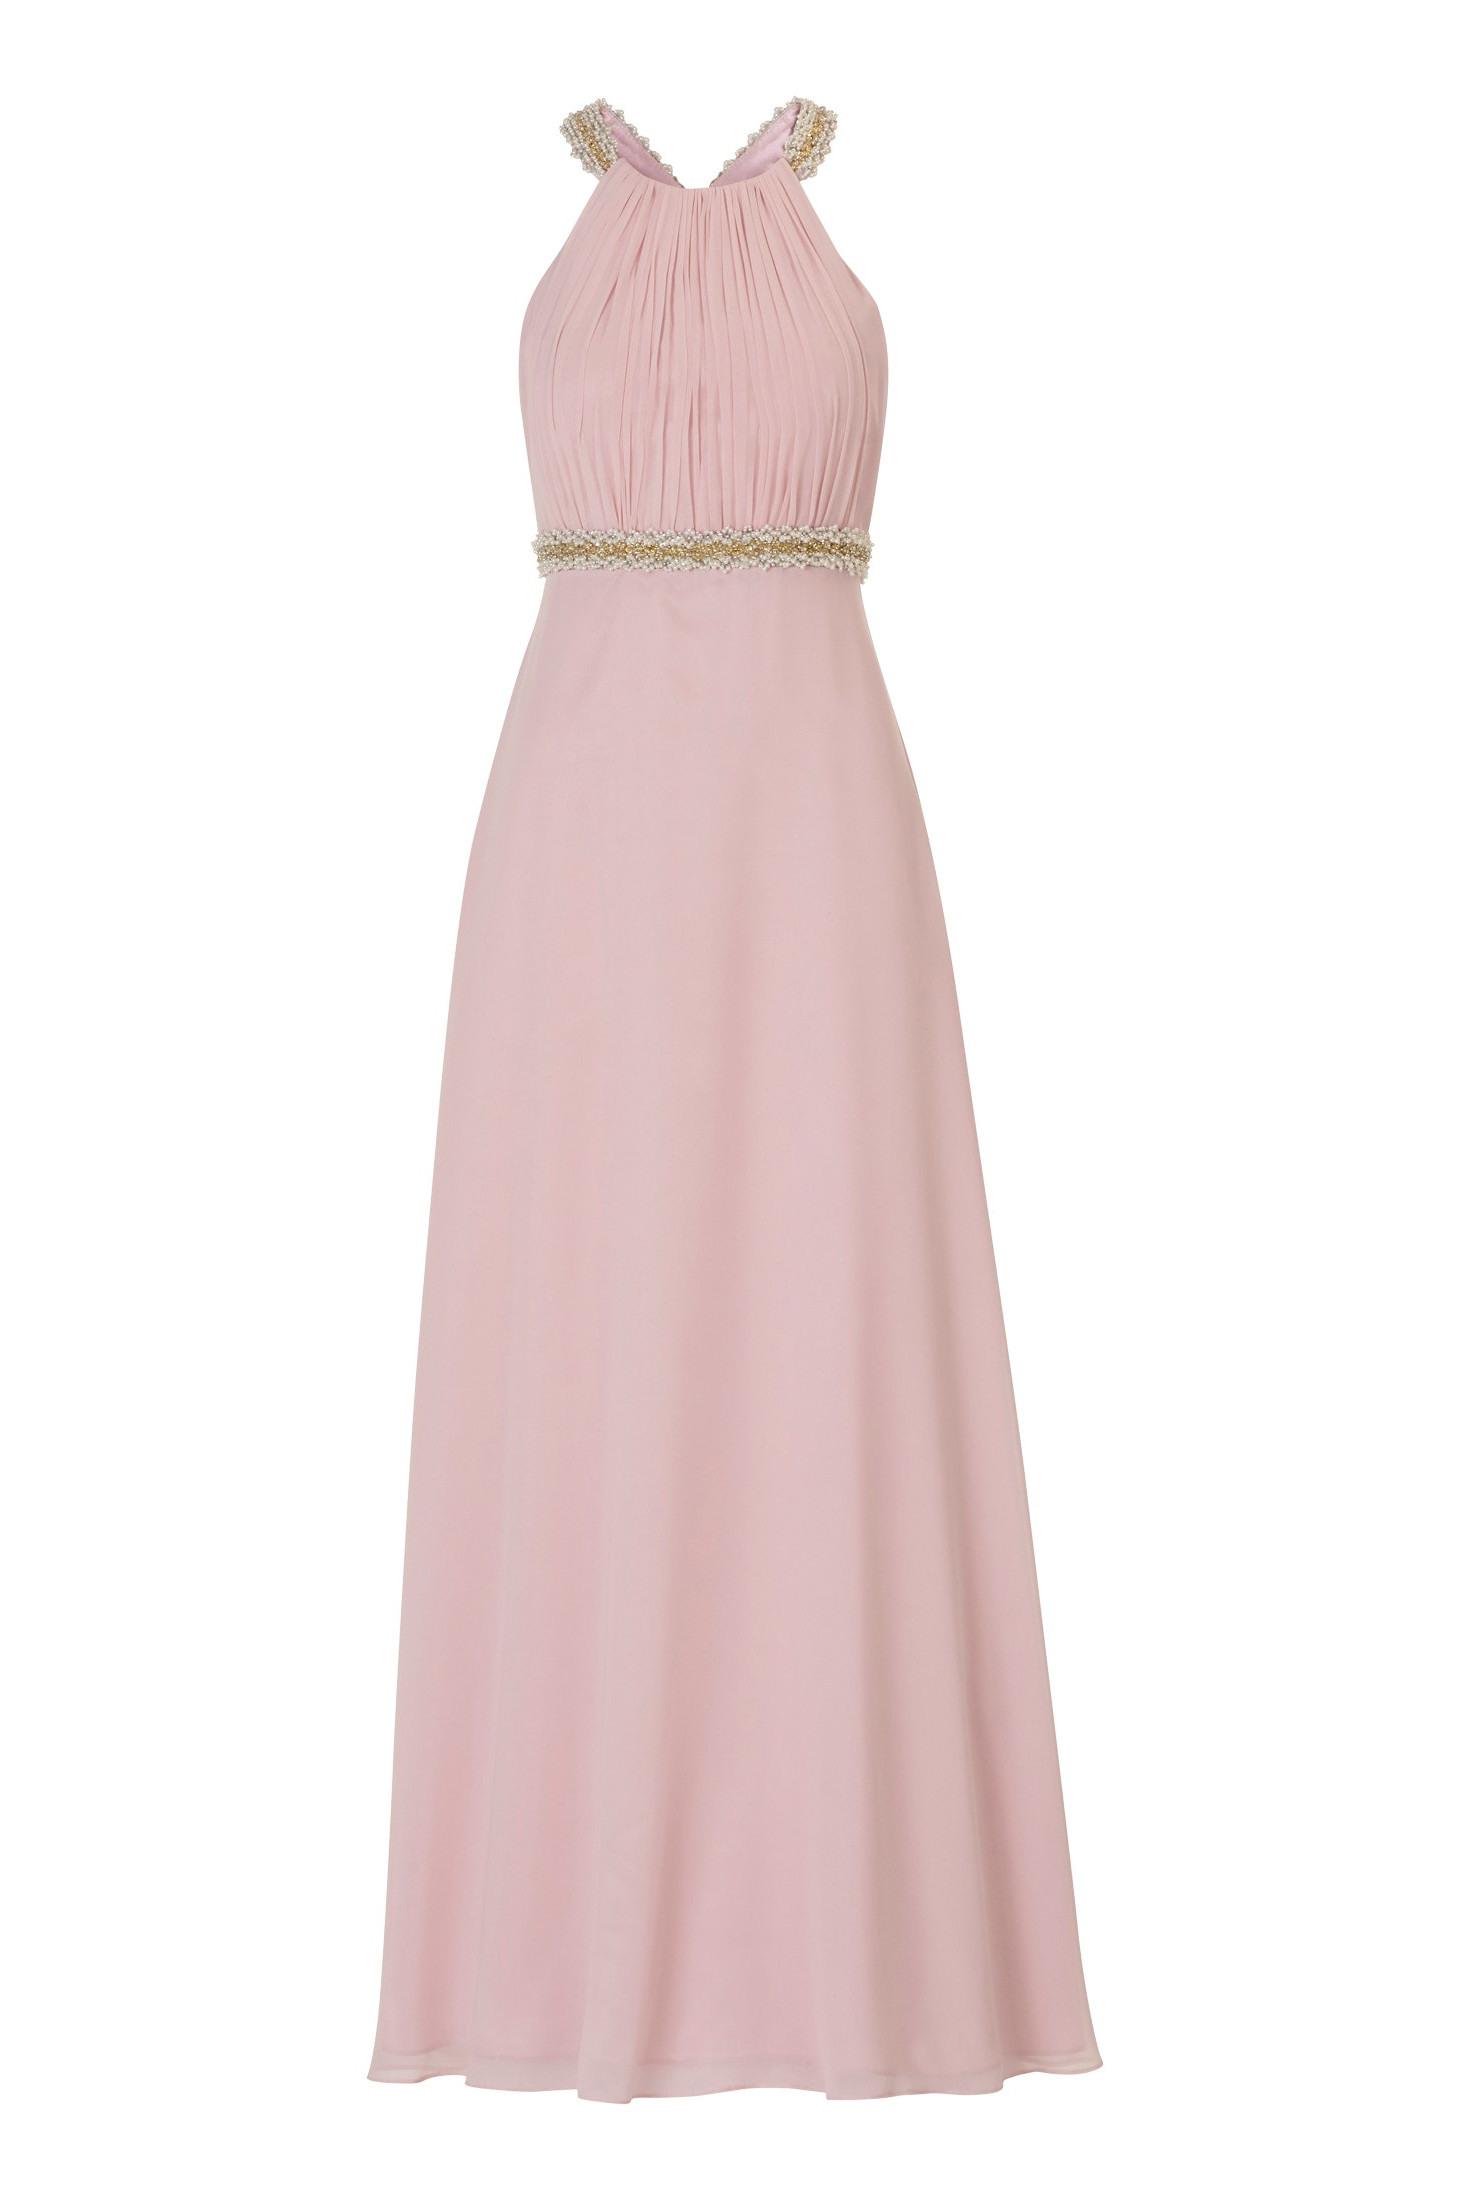 Formal Luxus Vera Mont Abendkleid Rosa StylishAbend Schön Vera Mont Abendkleid Rosa Spezialgebiet